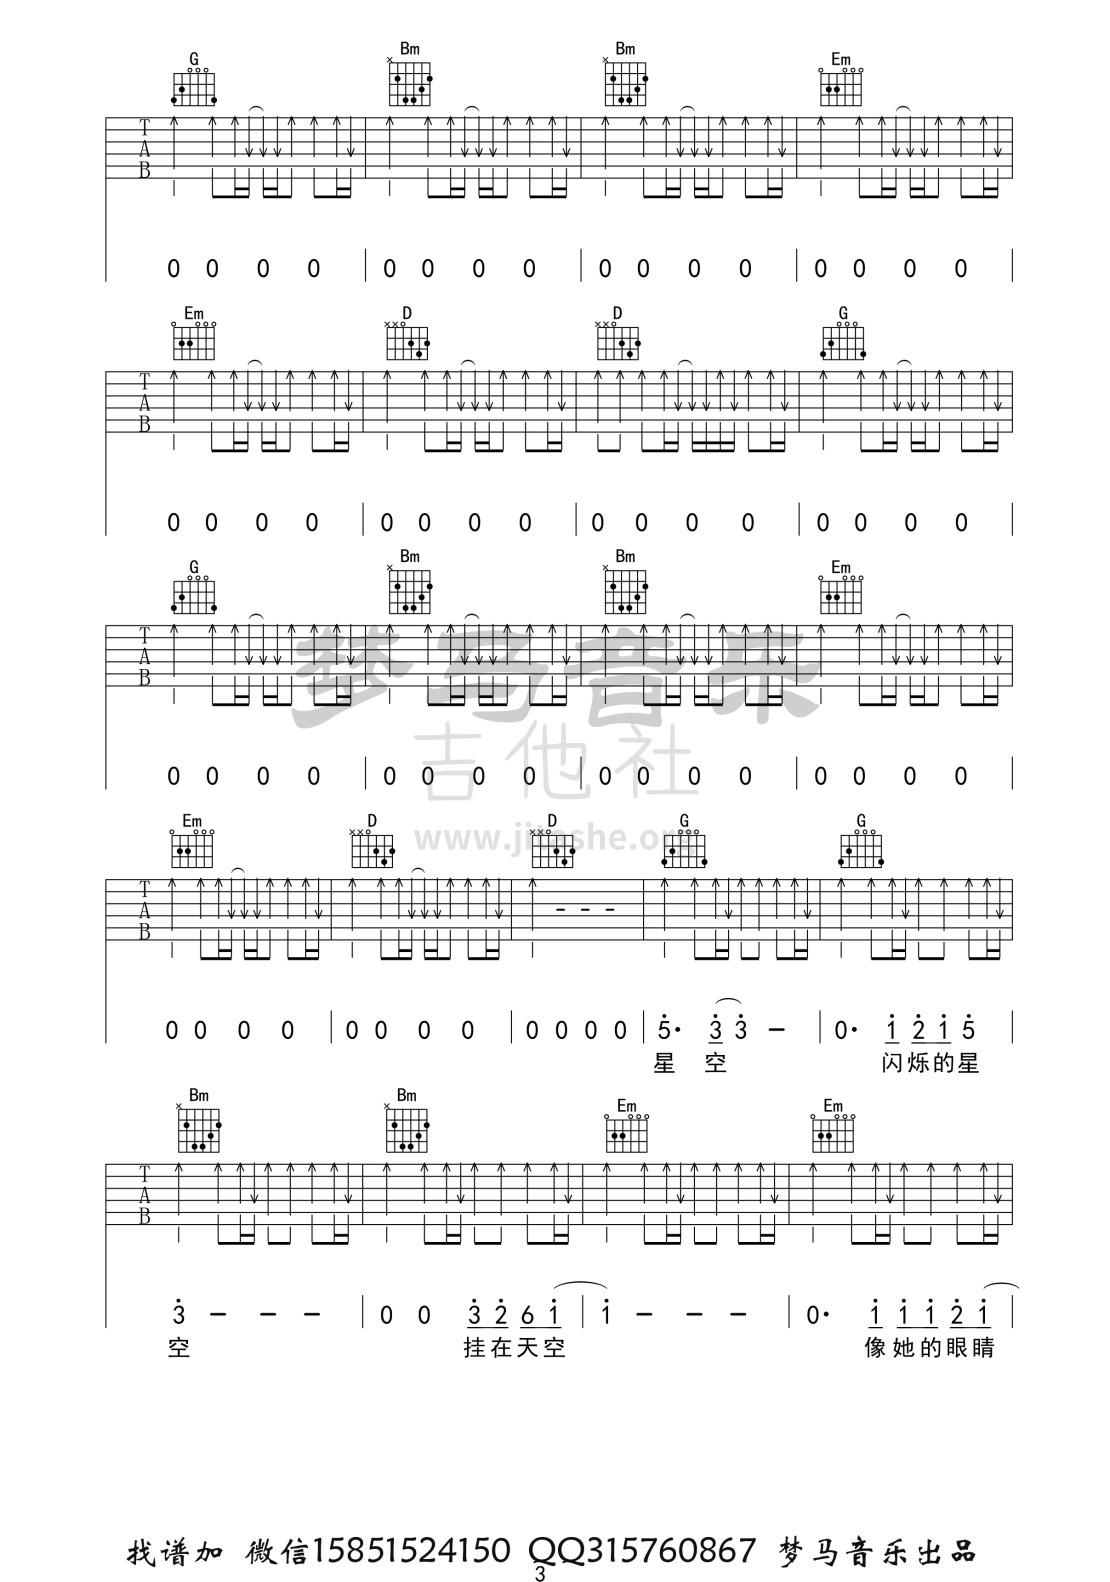 黑色公路吉他谱(图片谱,弹唱)_张闯_黑色公路-3.jpg